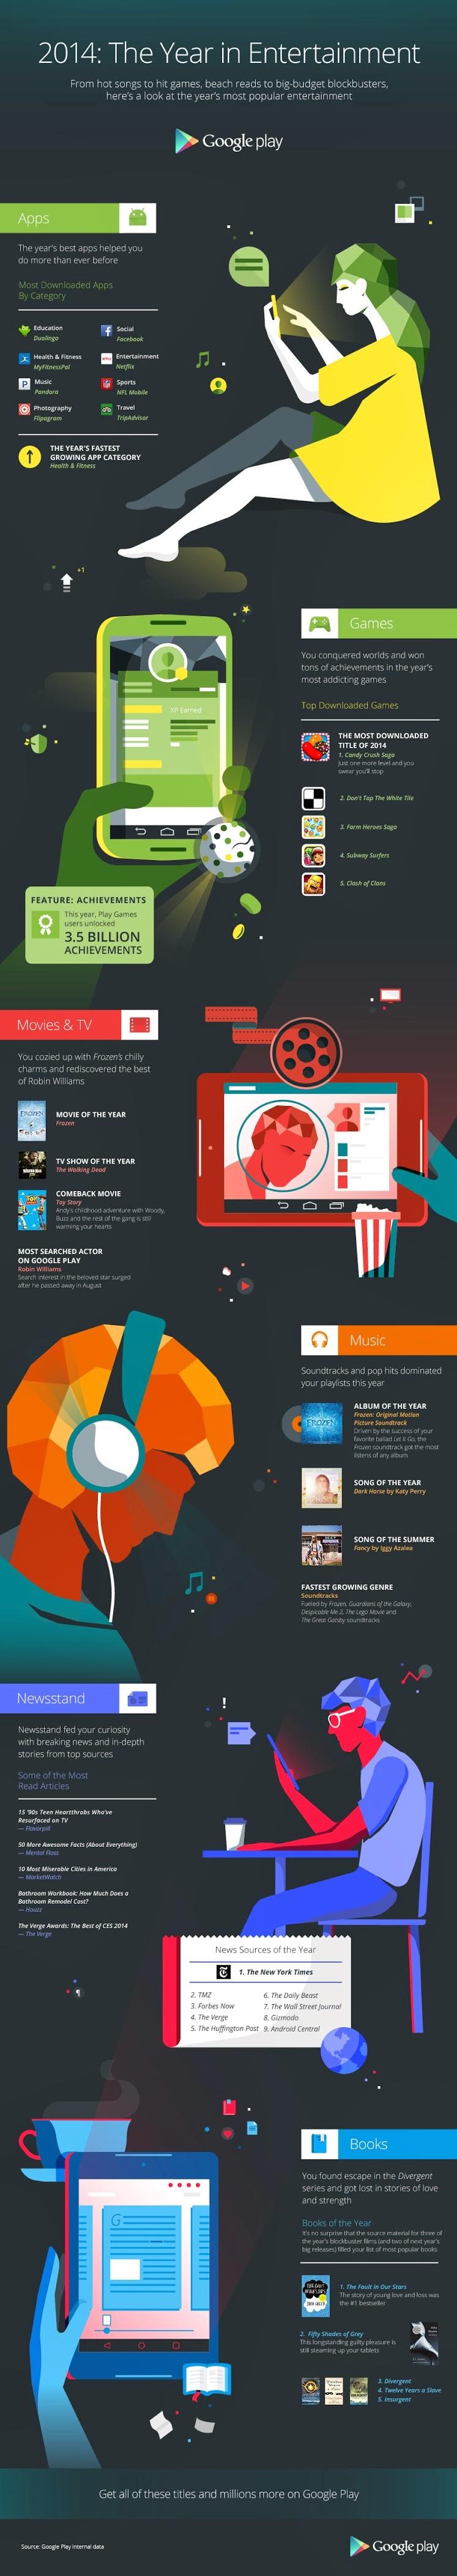 Lo más popular en Google Play en 2014